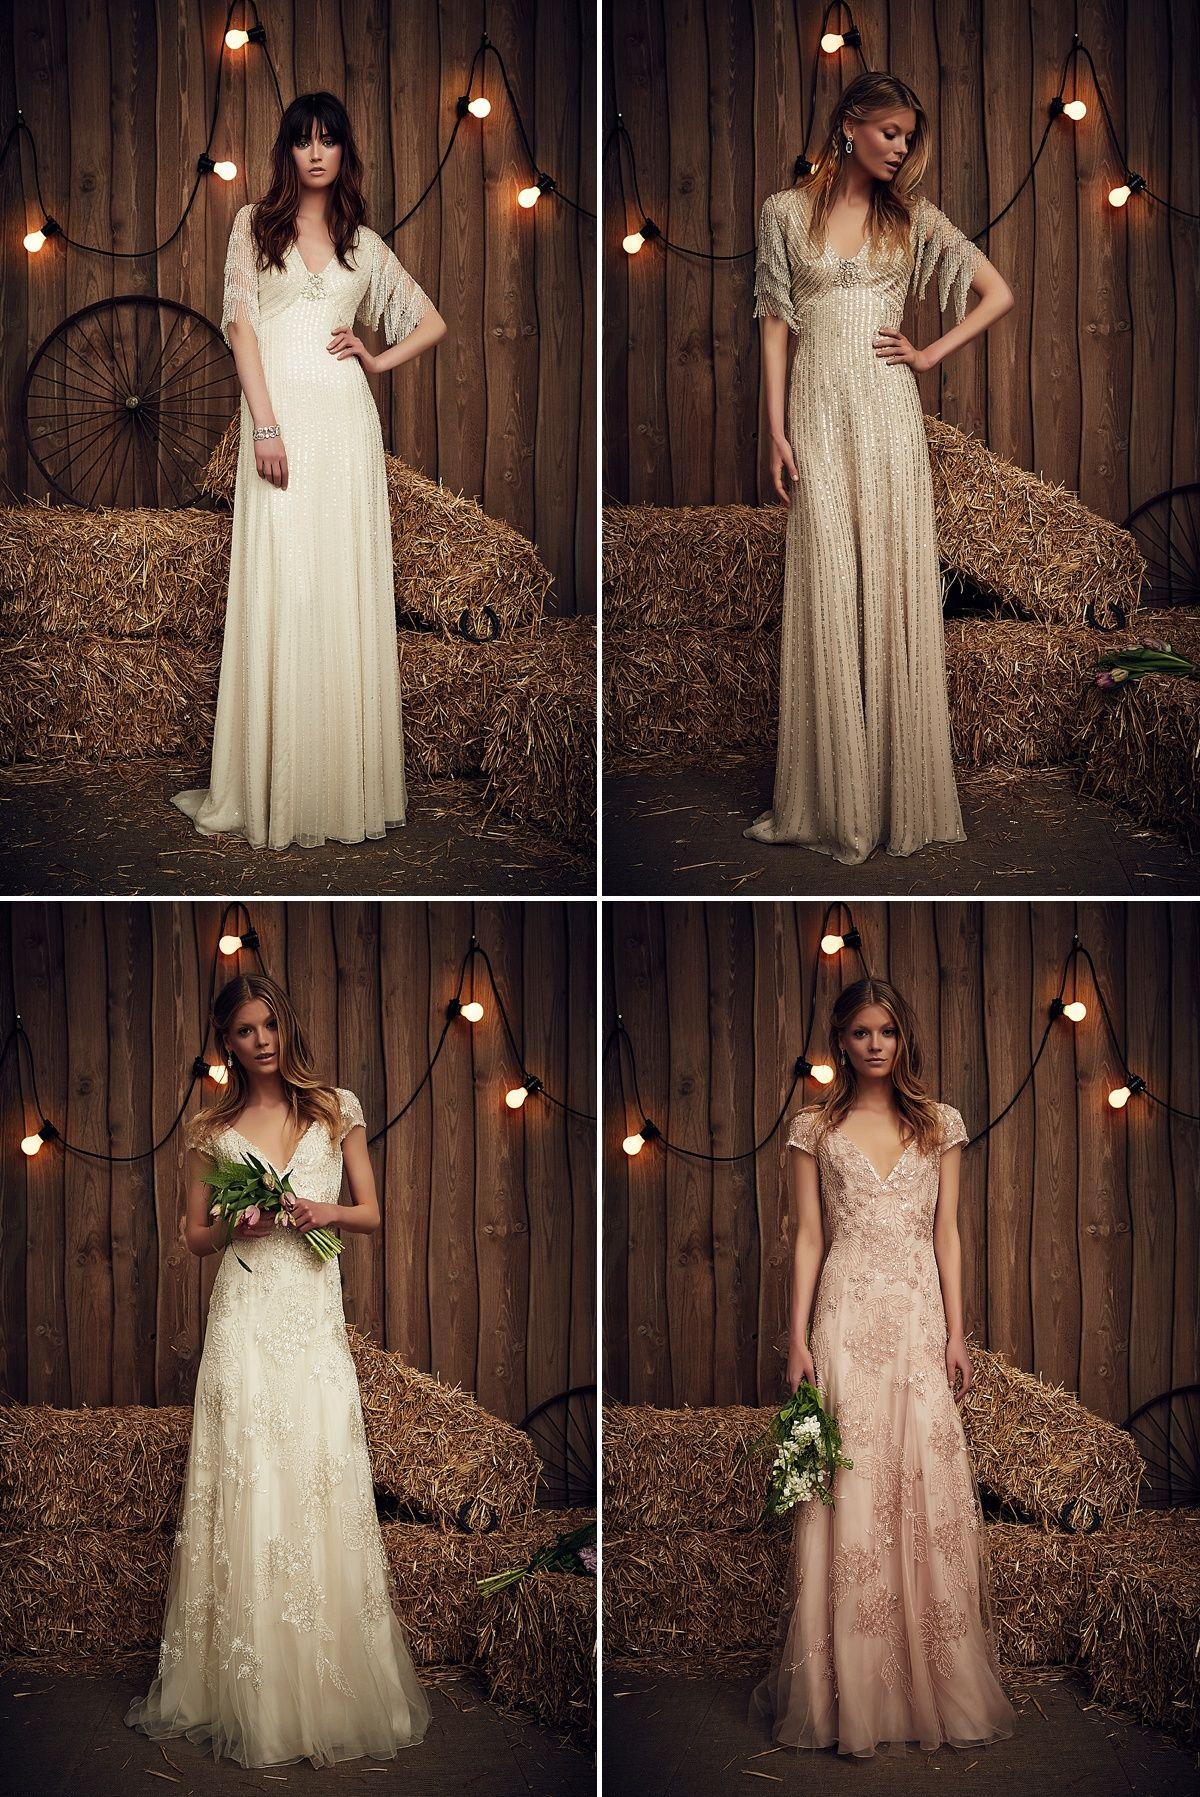 Niedlich Austin Hochzeitskleid Ideen - Brautkleider Ideen - cashingy ...